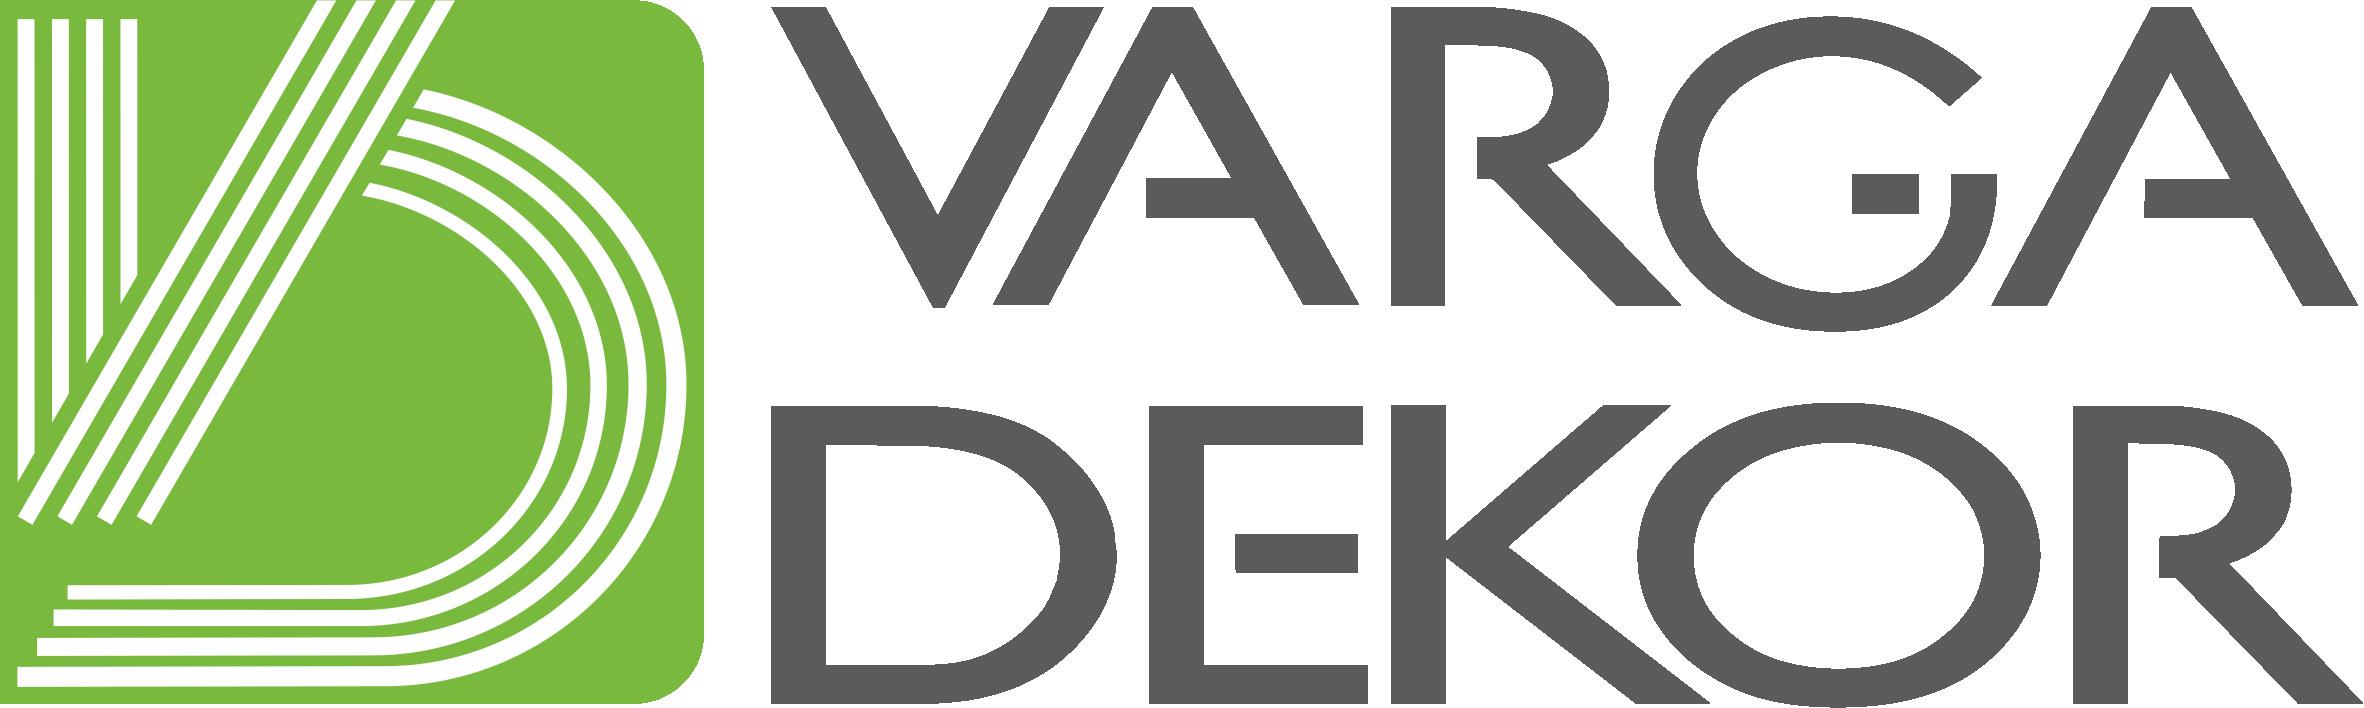 varga_dekor_logo_1.png